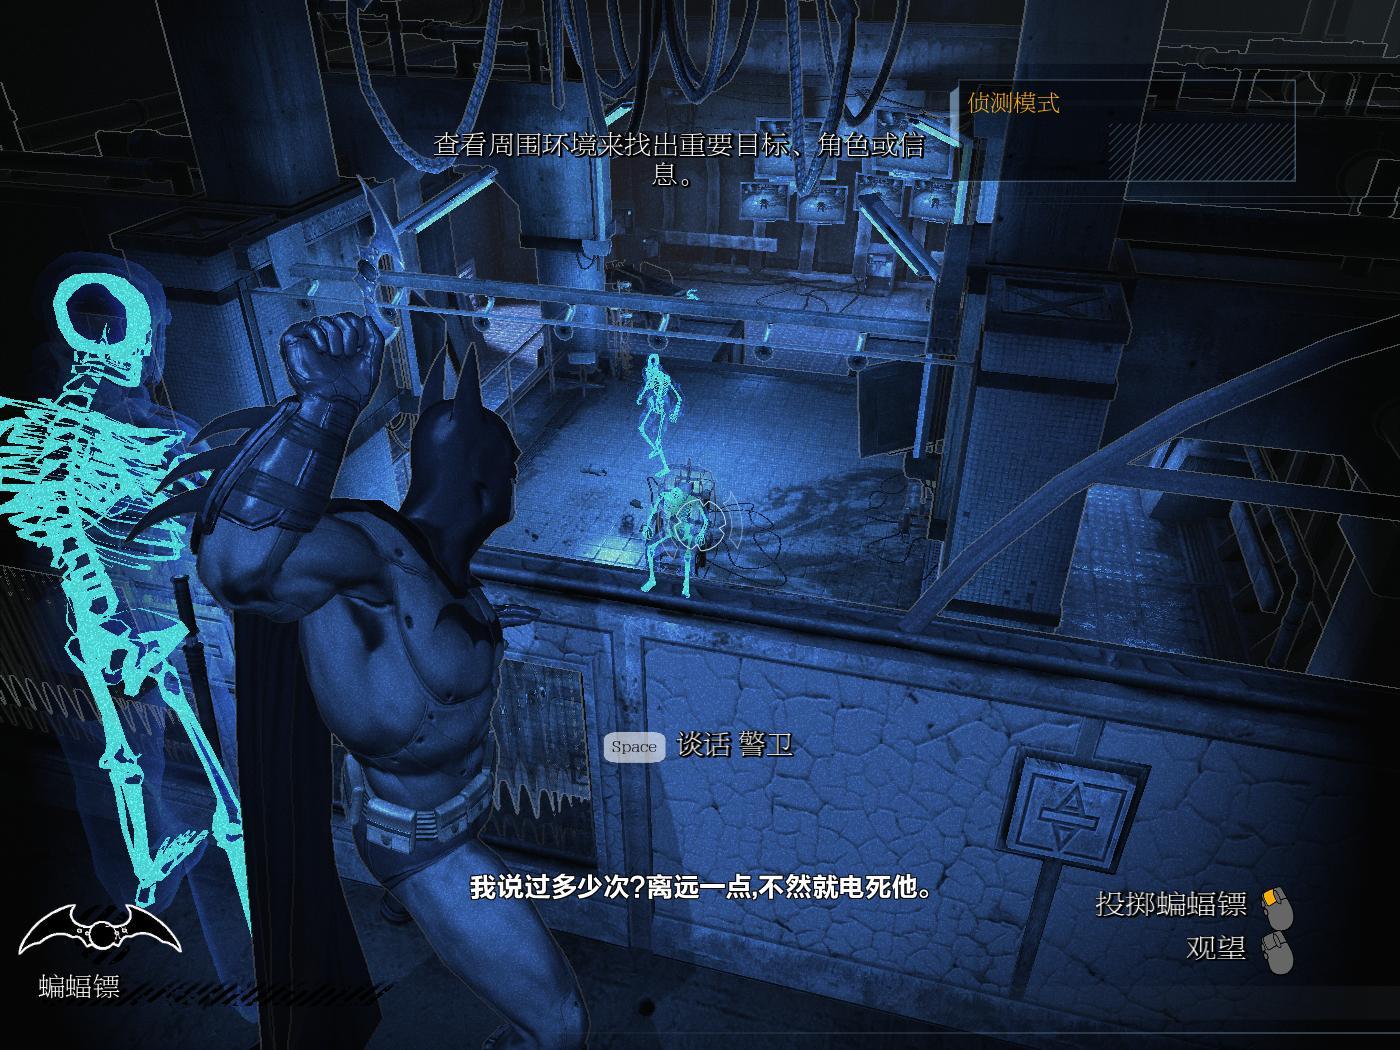 蝙蝠侠之阿卡姆疯人院年度版 Batman: Arkham Asylum Game of the Ye